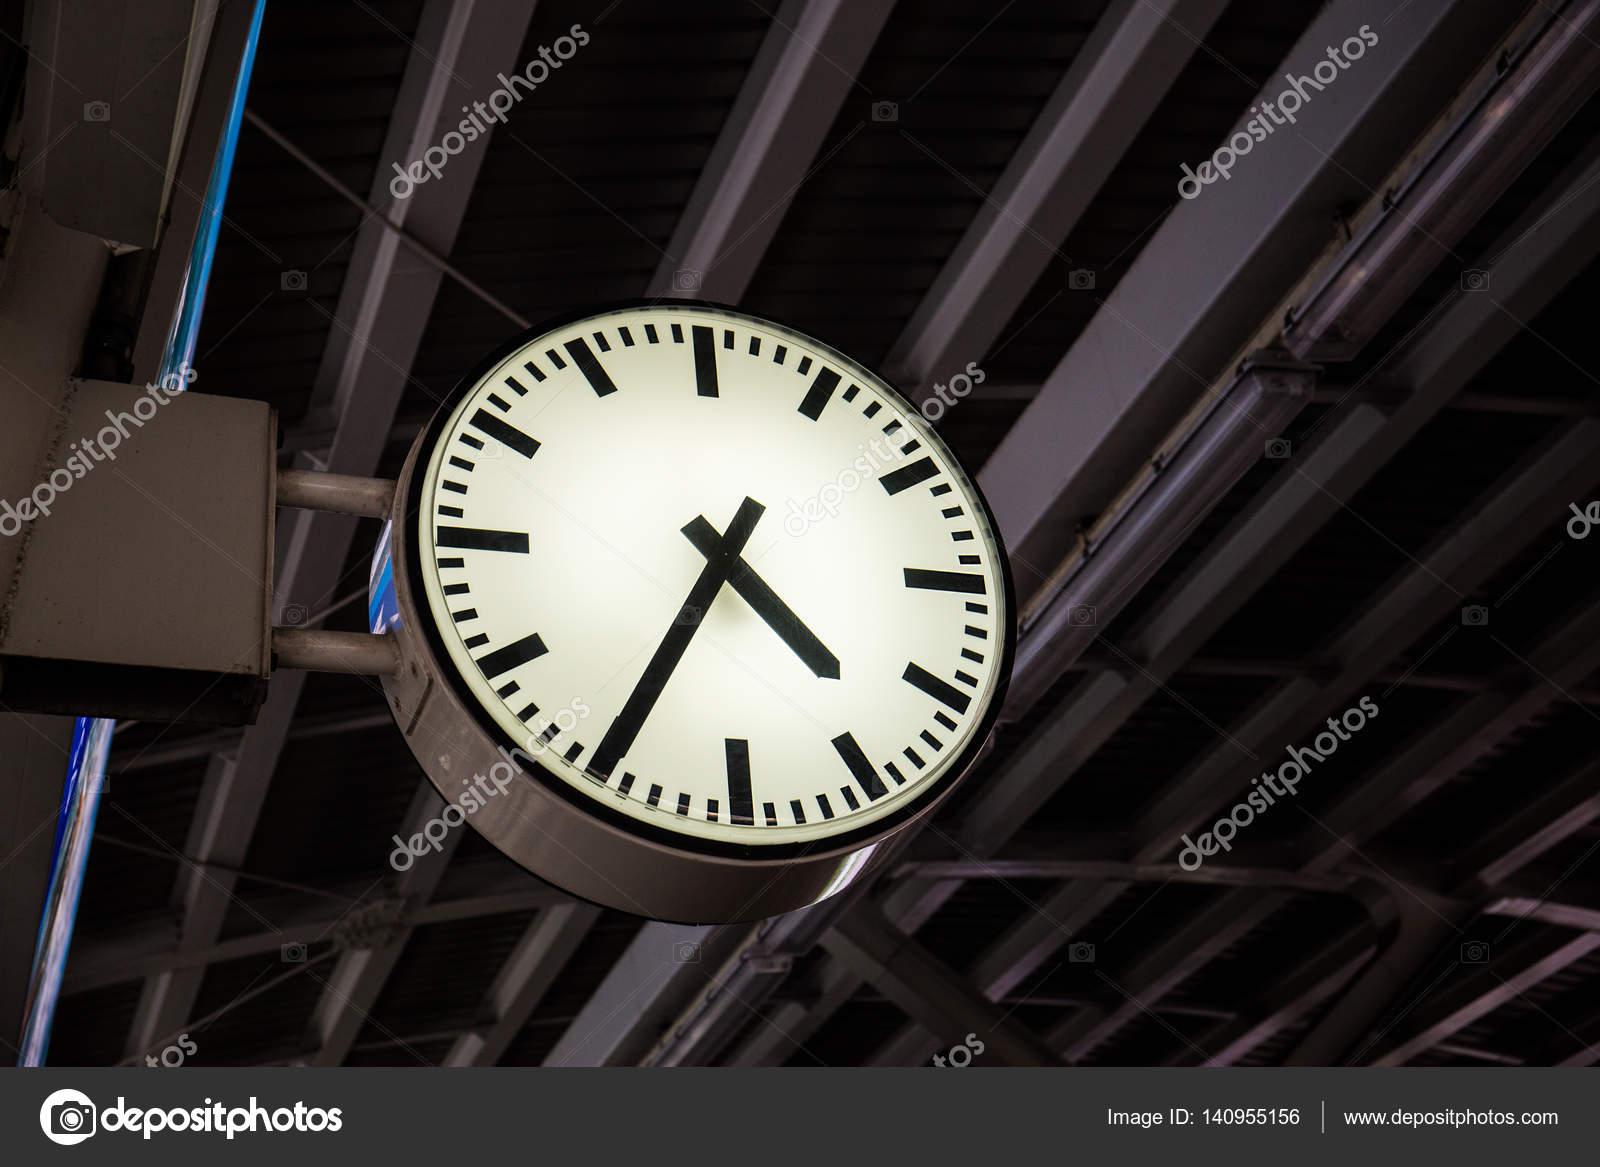 a97c3d5b1be Relógio em uma estação de trem